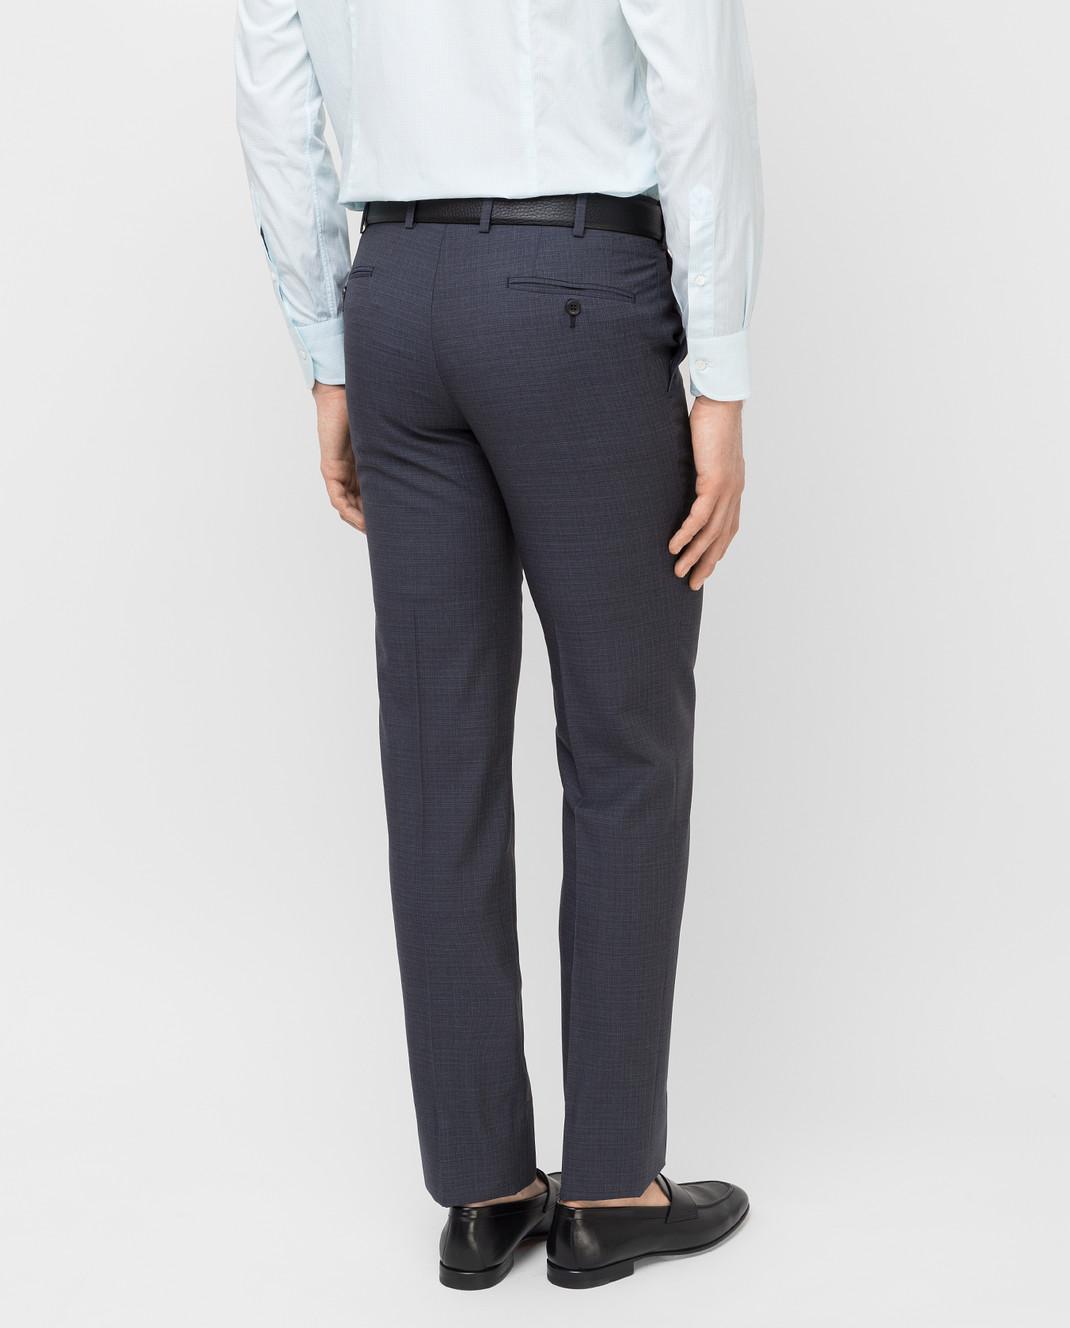 Brioni Темно-серые брюки из шерсти RPL80PP7AW7 изображение 4